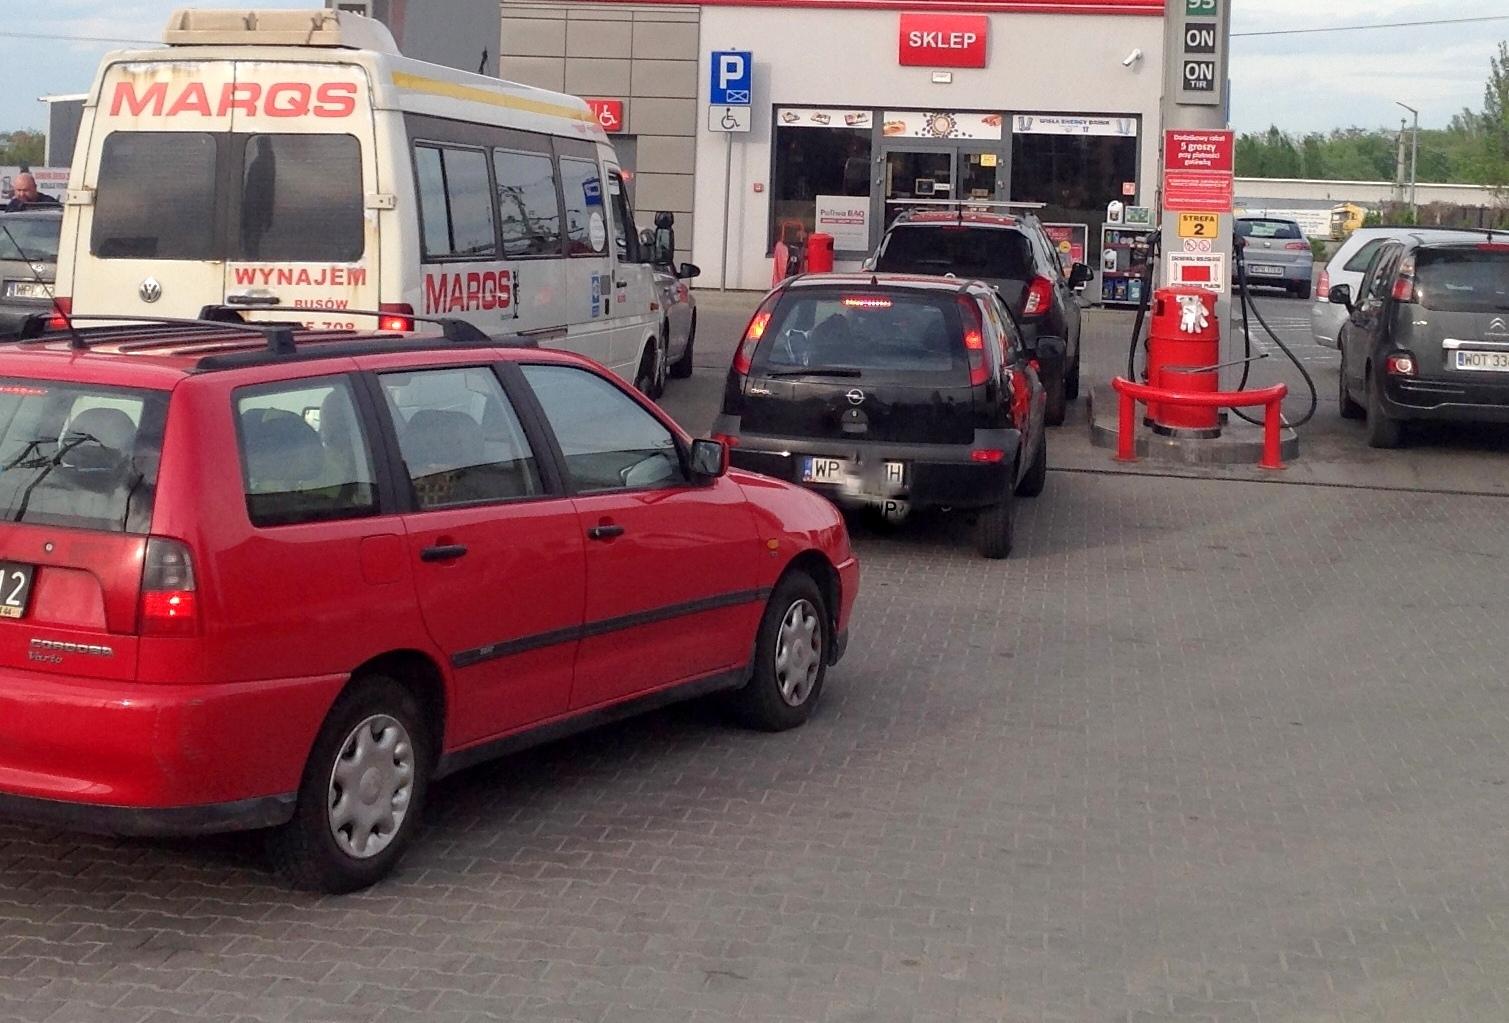 Benzyna w Płocku powyżej 6 zł/l. Straszą, że za półtora roku może być 8 zł. Dlaczego? - Zdjęcie główne